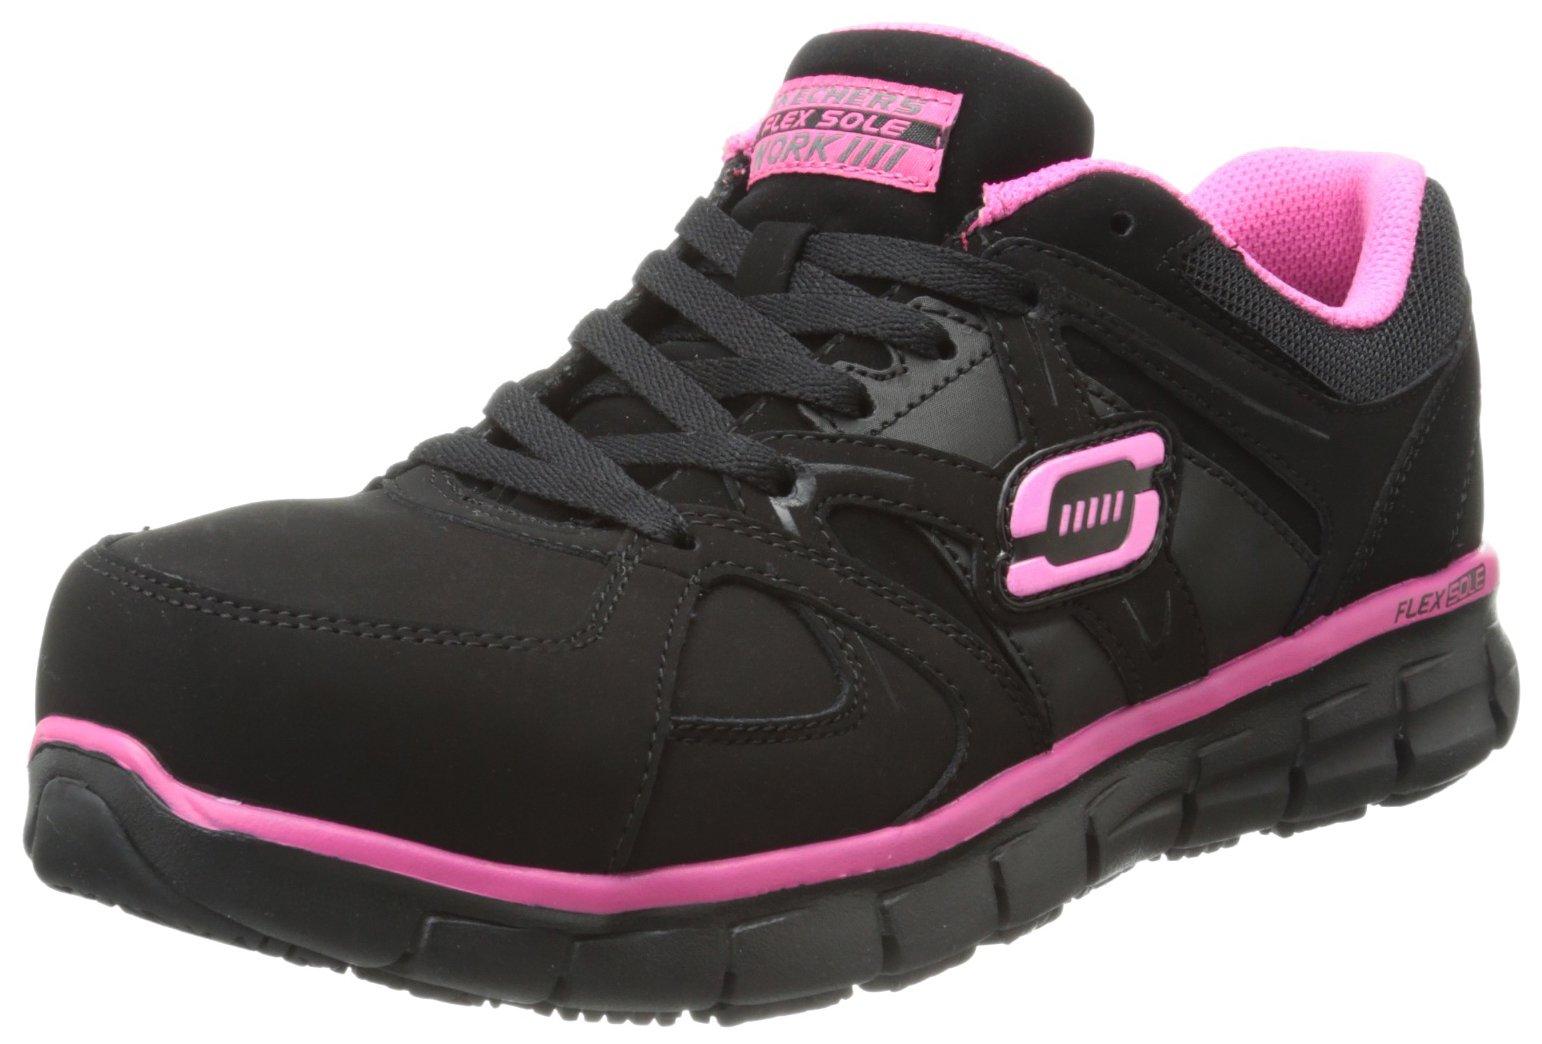 Skechers for Work Women's Synergy Sandlot Slip Resistant Work Shoe, Black/Pink, 9 M US